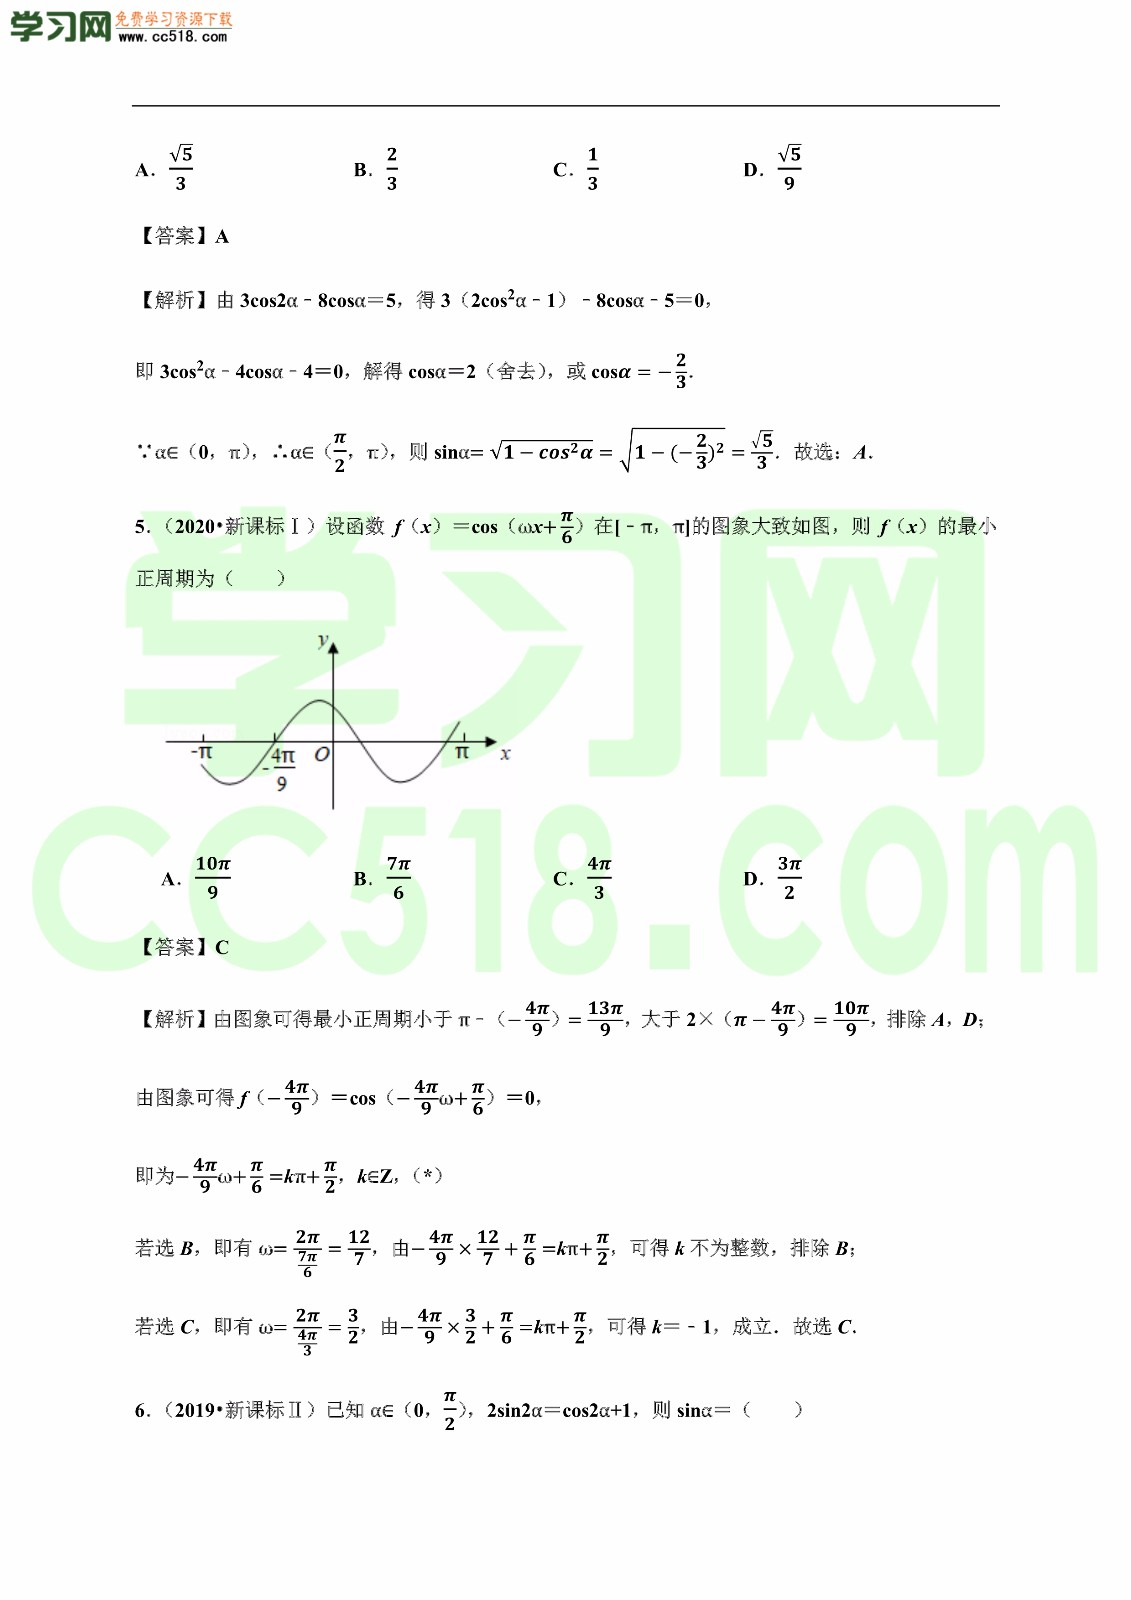 2020-2021学年高一数学单元复习真题训练(含答案及解析)